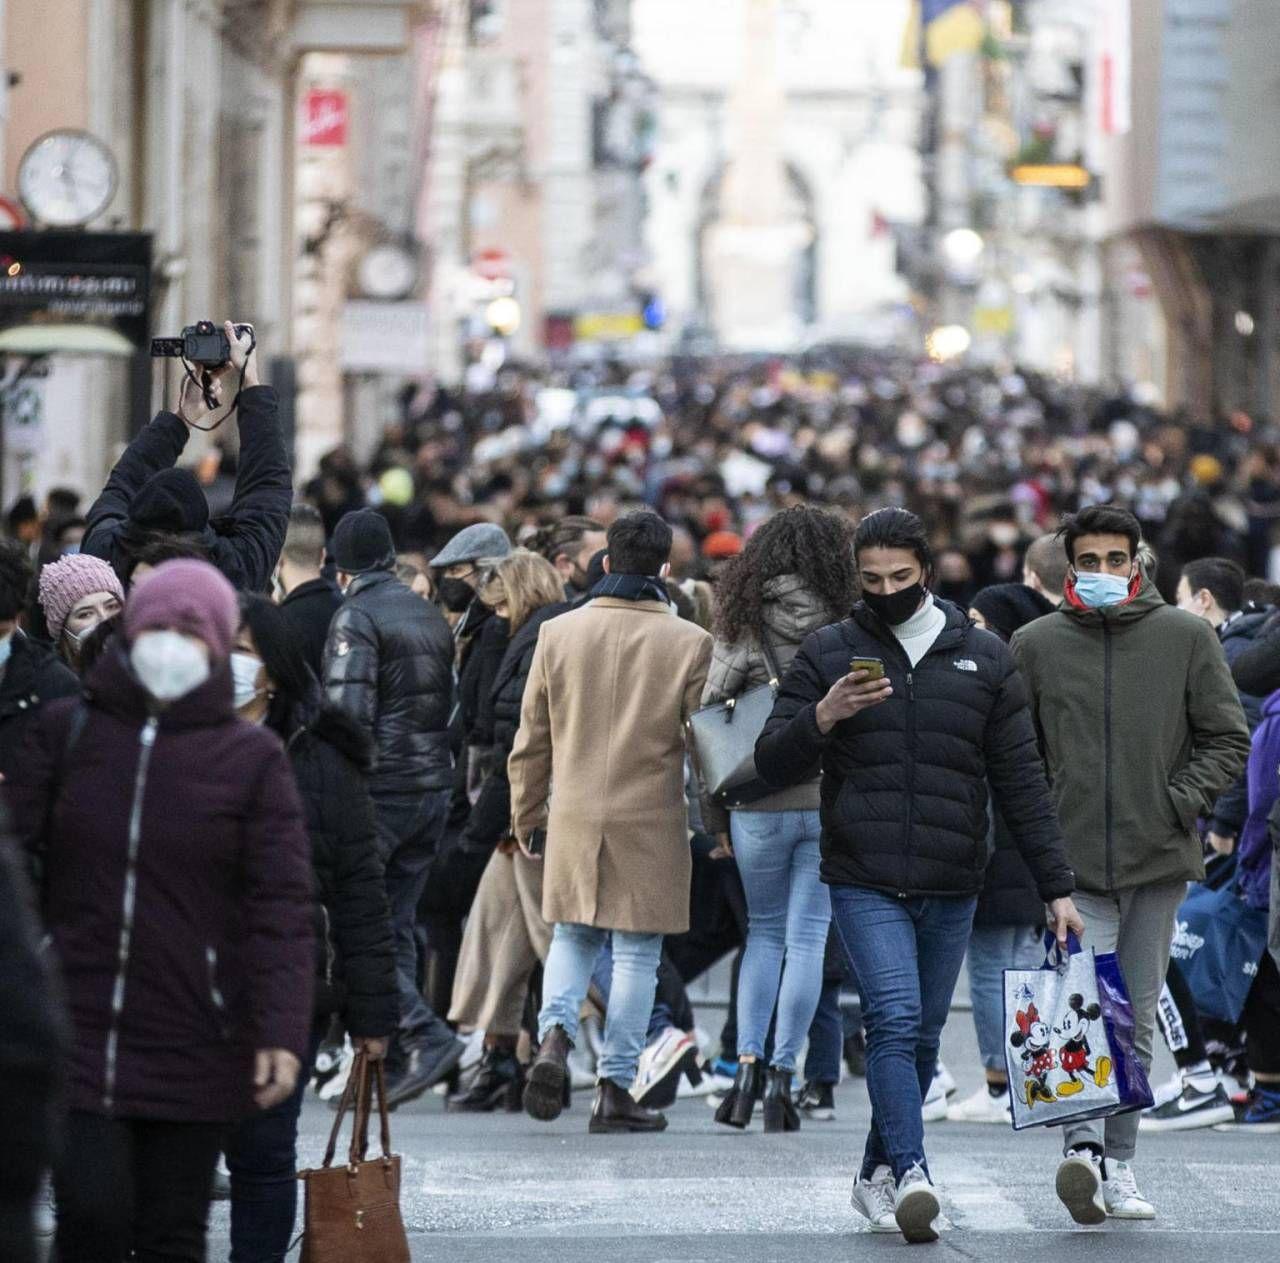 La folla in via del Corso a Roma ieri pomeriggio